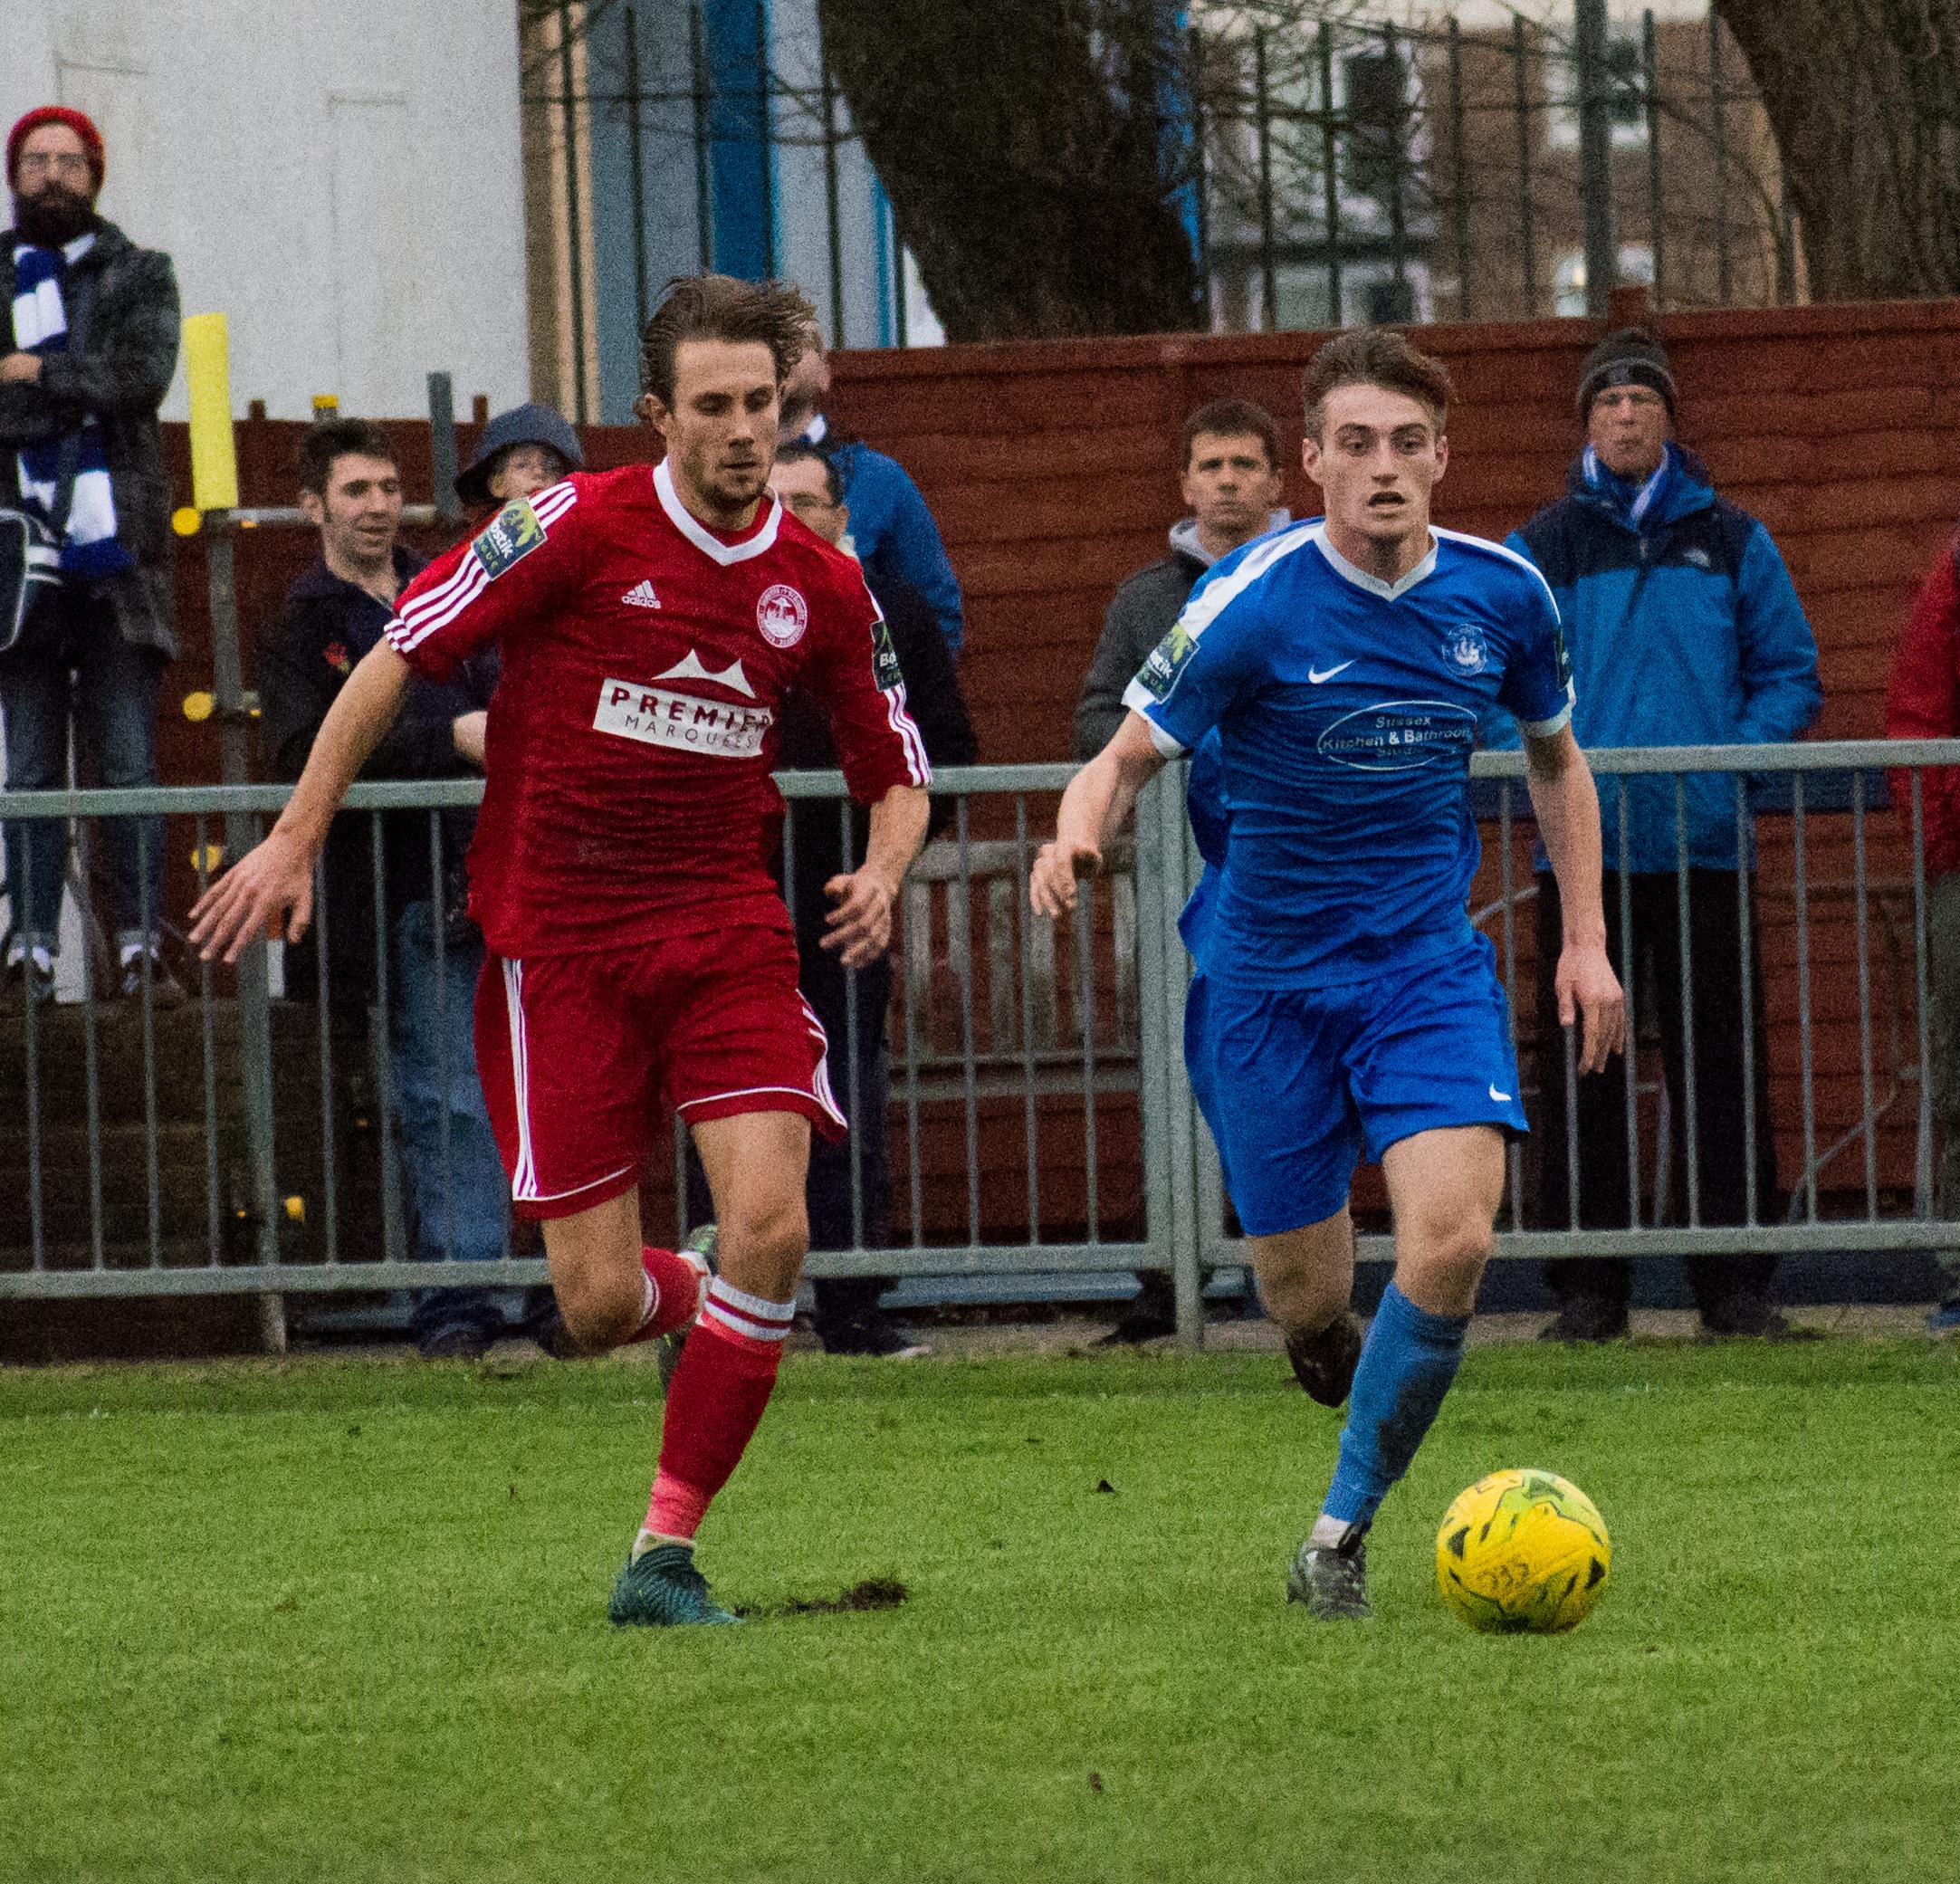 Shoreham FC vs Hythe Town 11.11.17 59